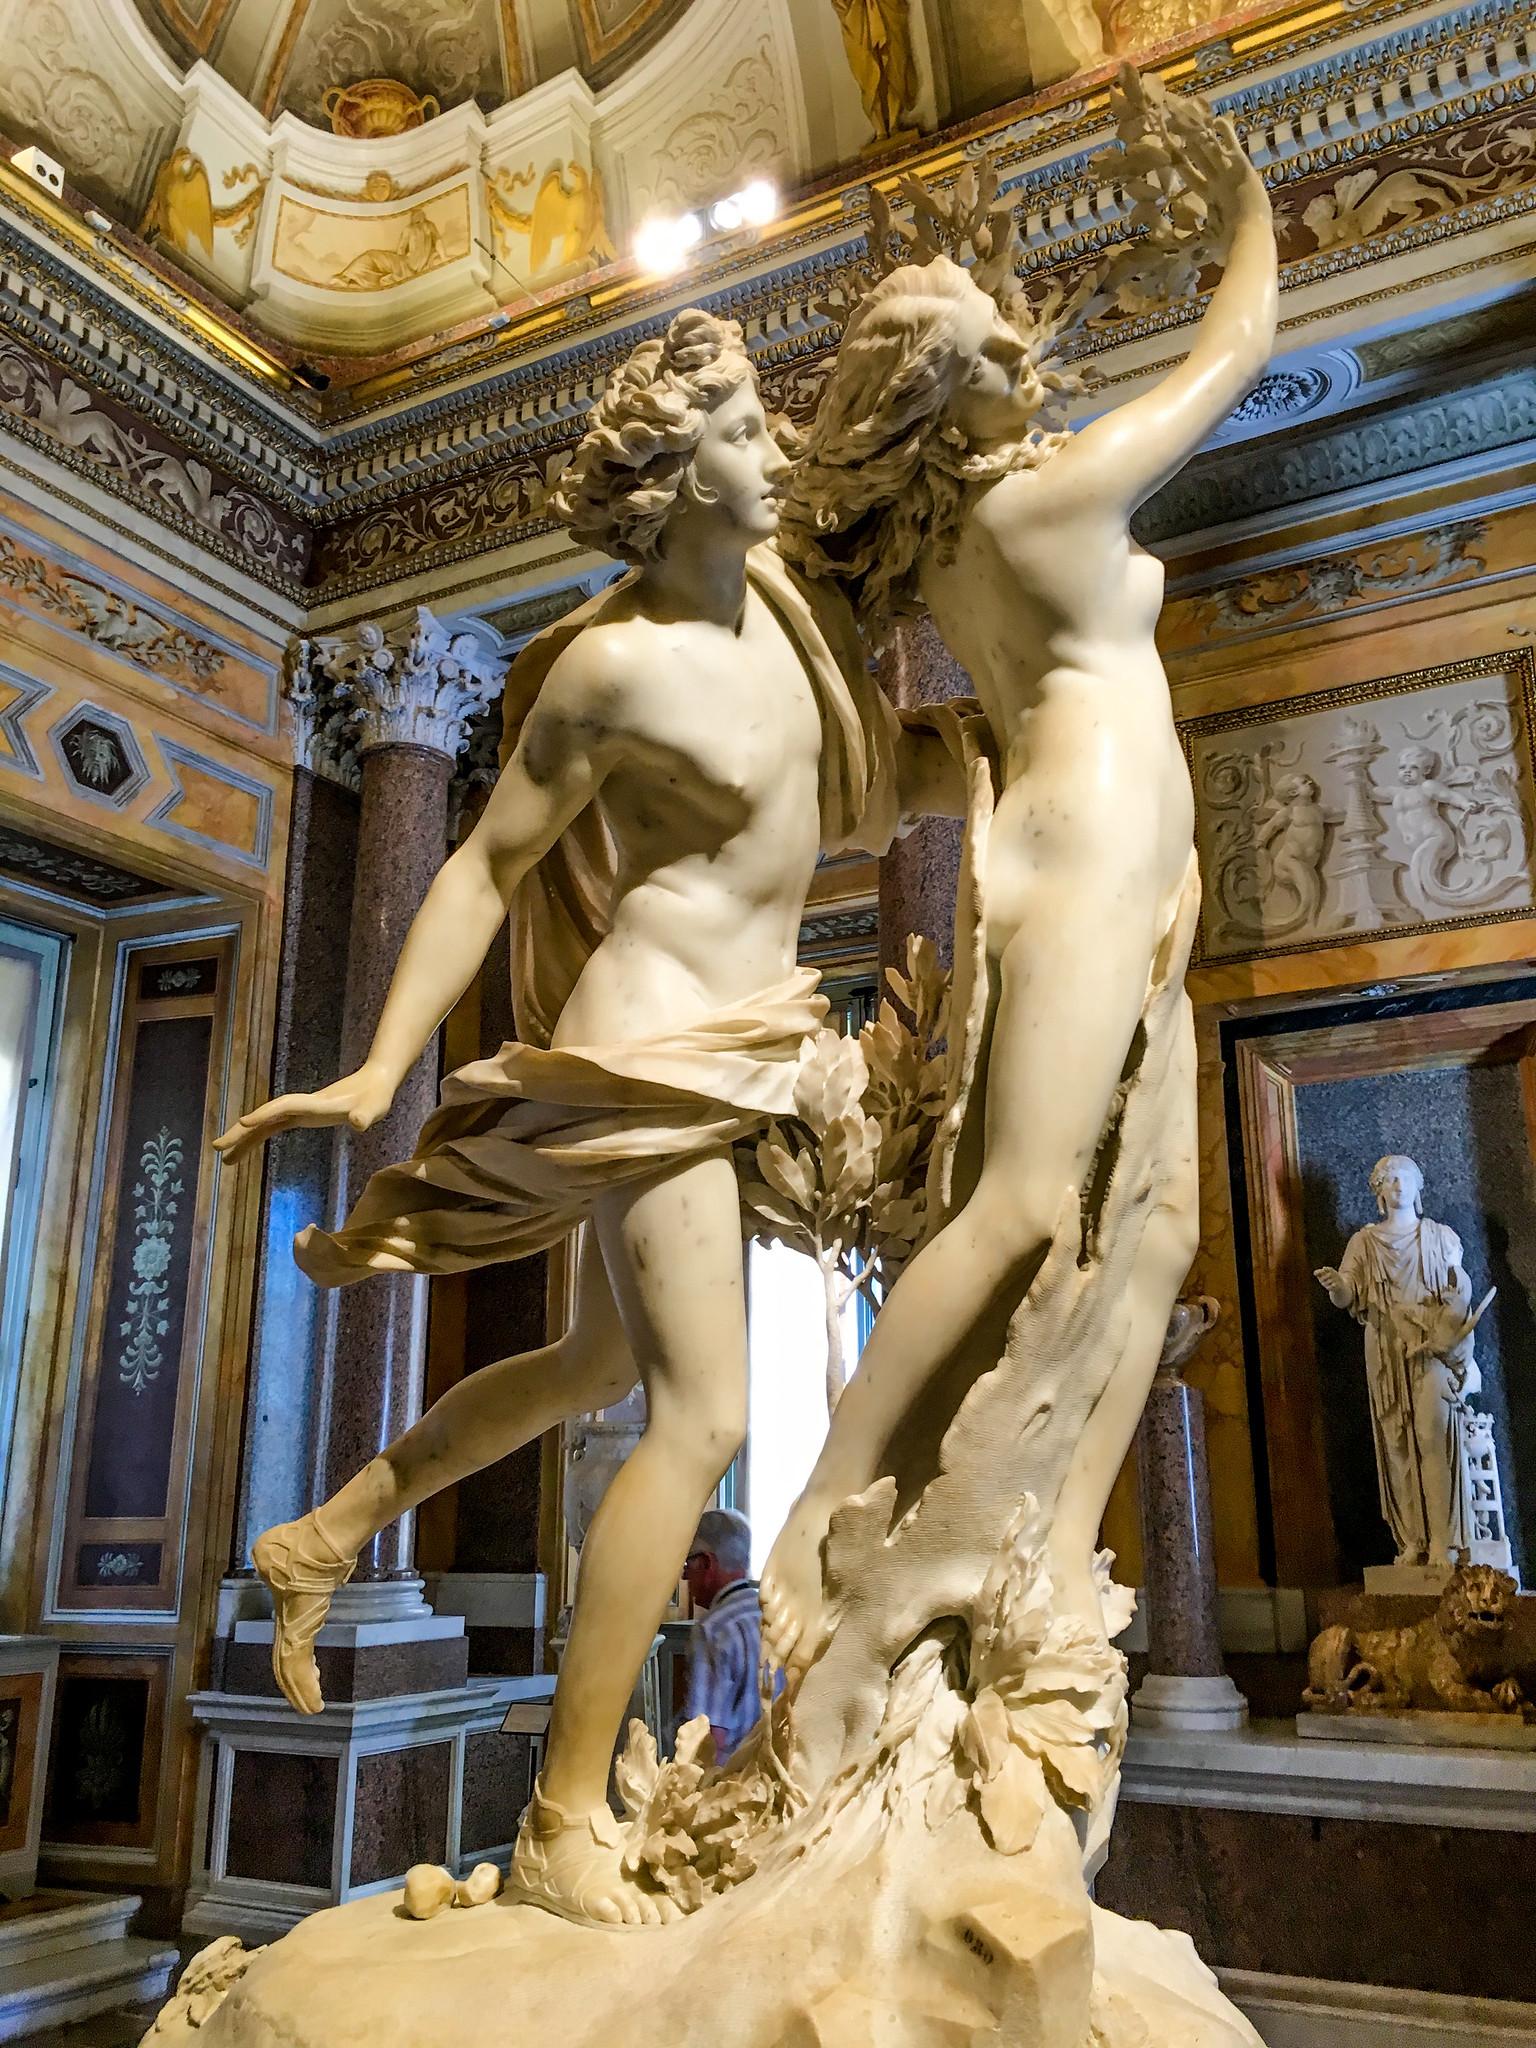 Apollon et Daphné, du Bernin